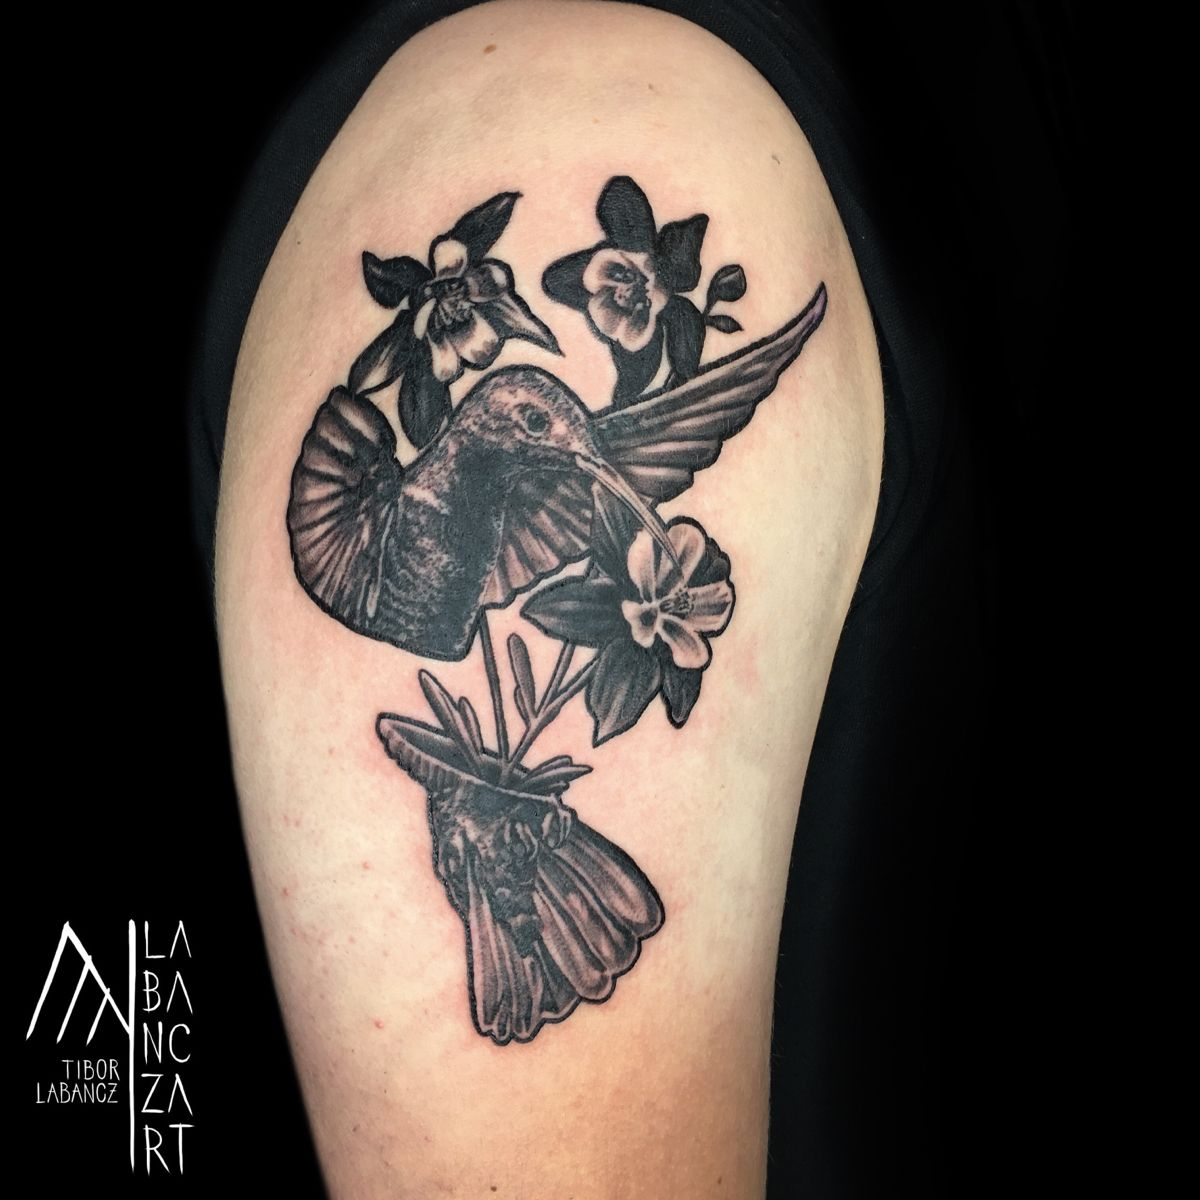 #hummingbirds #tattoo #hummingbirdtattoo #blackandgreytattoo #blackandgrey #naturetattoo #animaltattoos